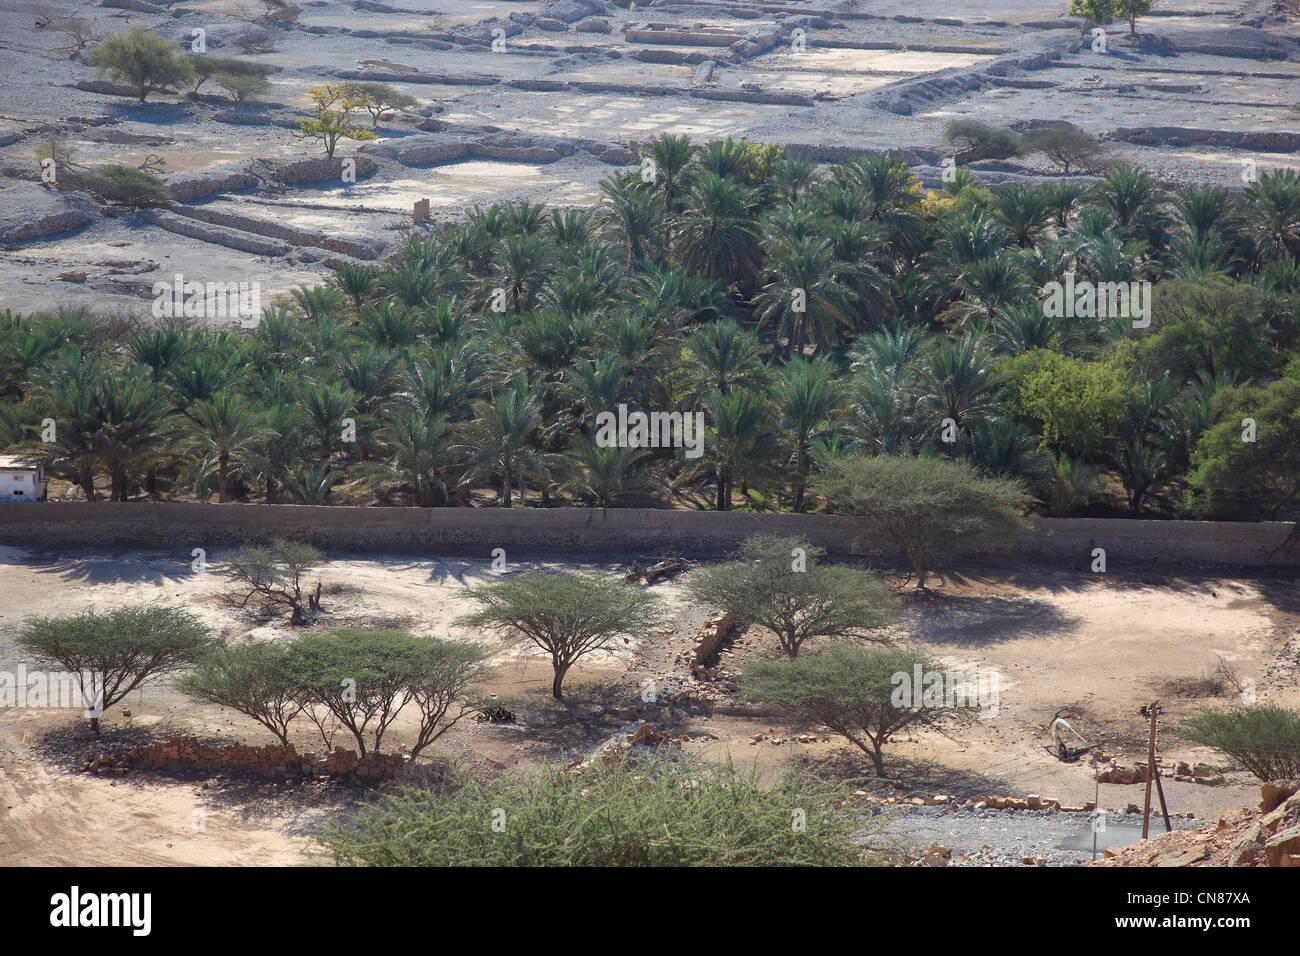 Palmenhain in der Bucht von Bukha, in der omanischen Enklave Musandam, Oman Stock Photo